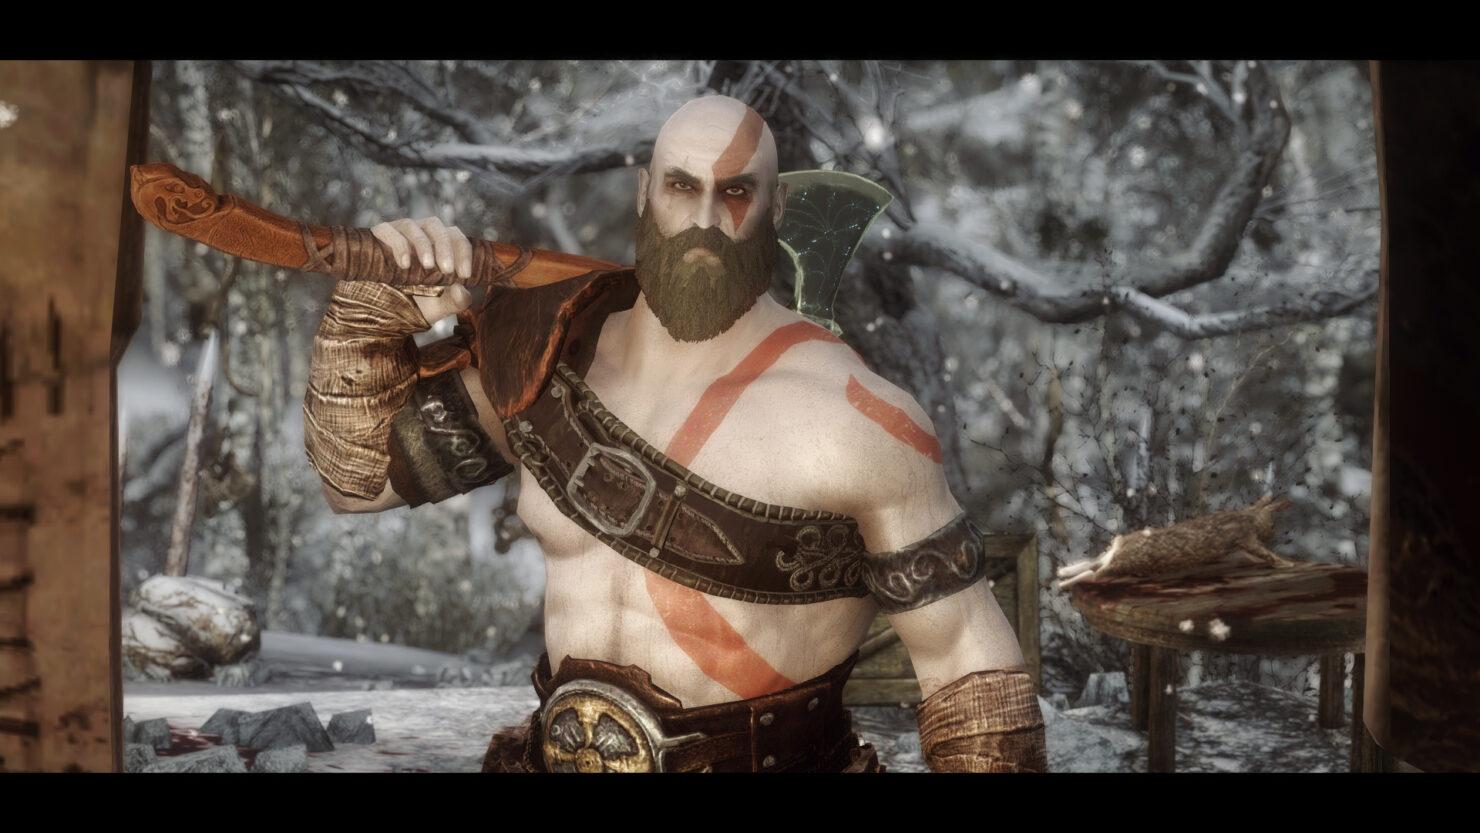 skyrim-god-of-war-mod-kratos-pc-5